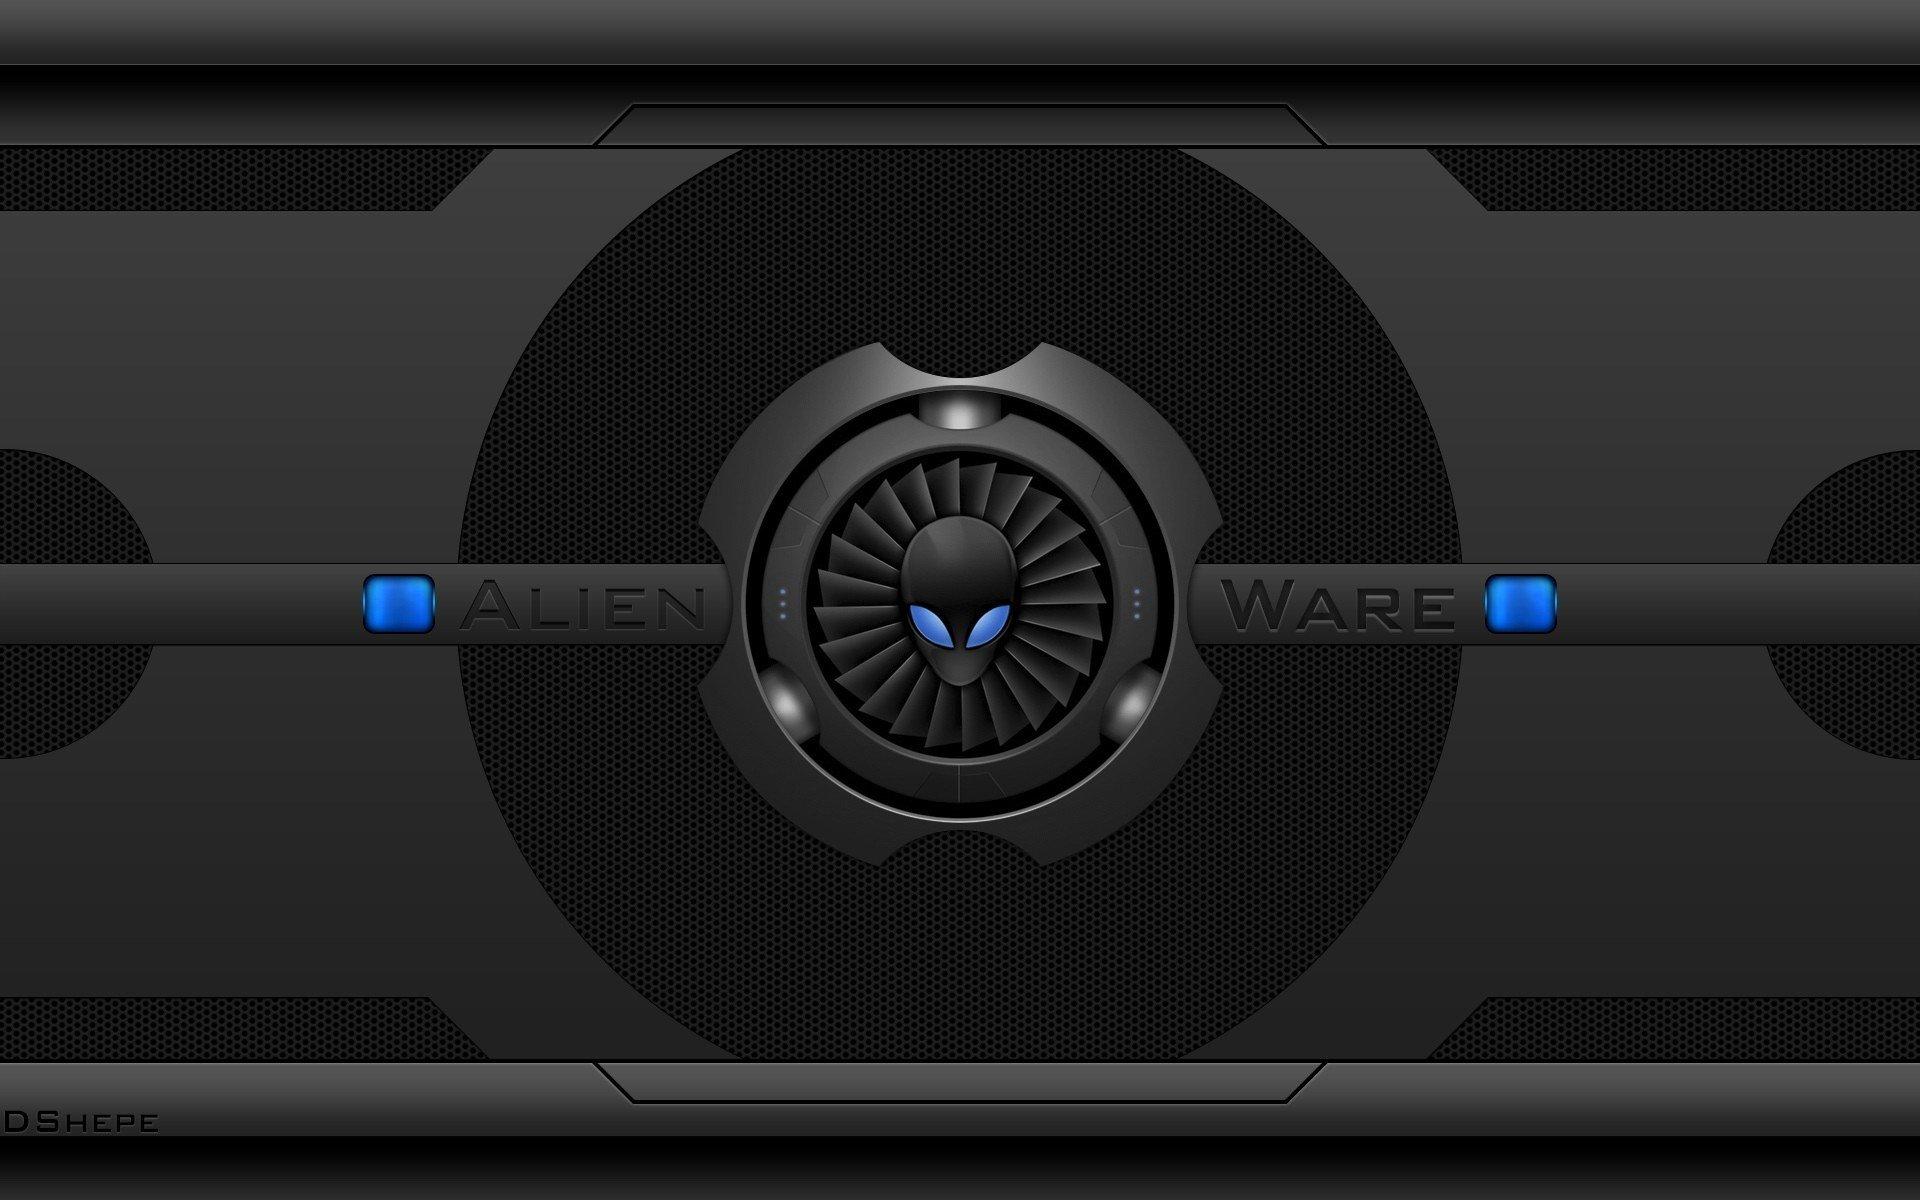 Alienware wallpaper background 1920x1200